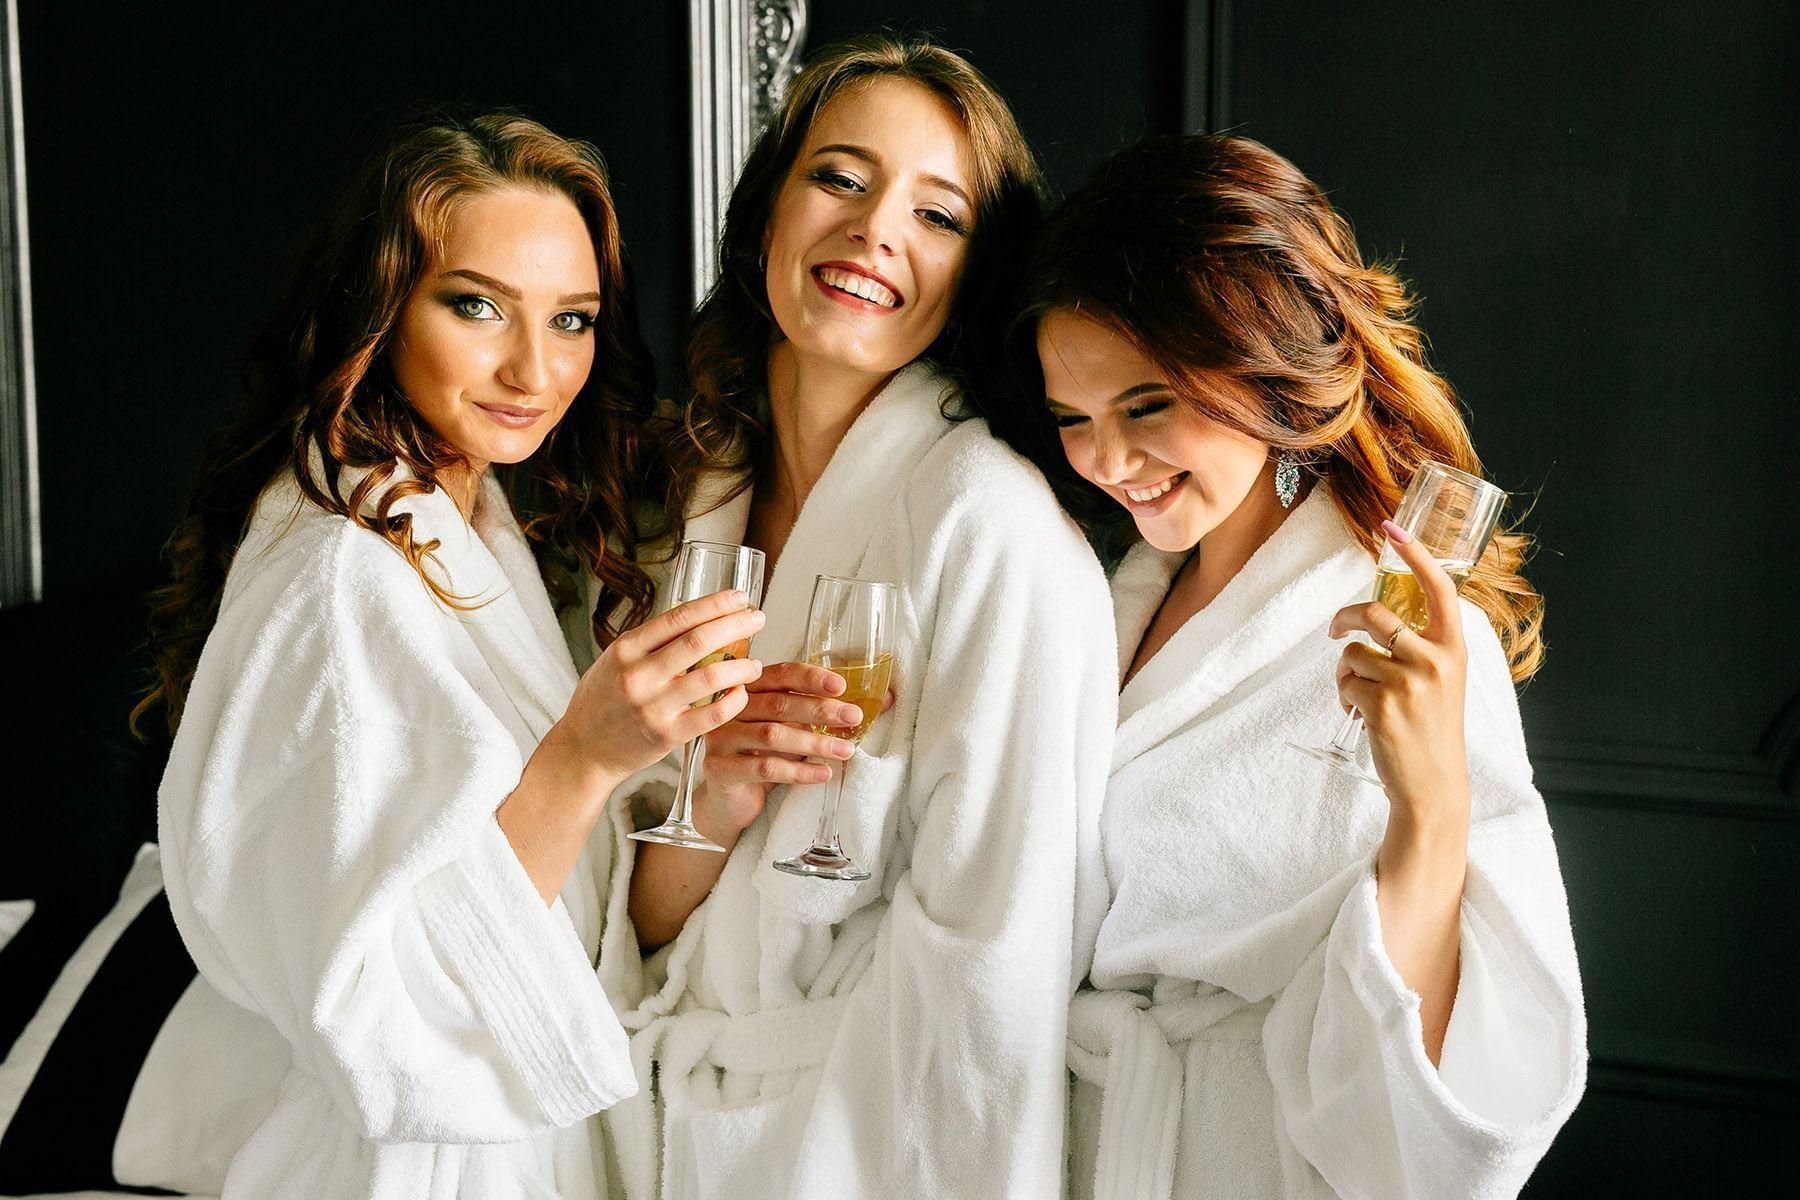 Chicas bebiendo champán en una fiesta en The Reef Resorts